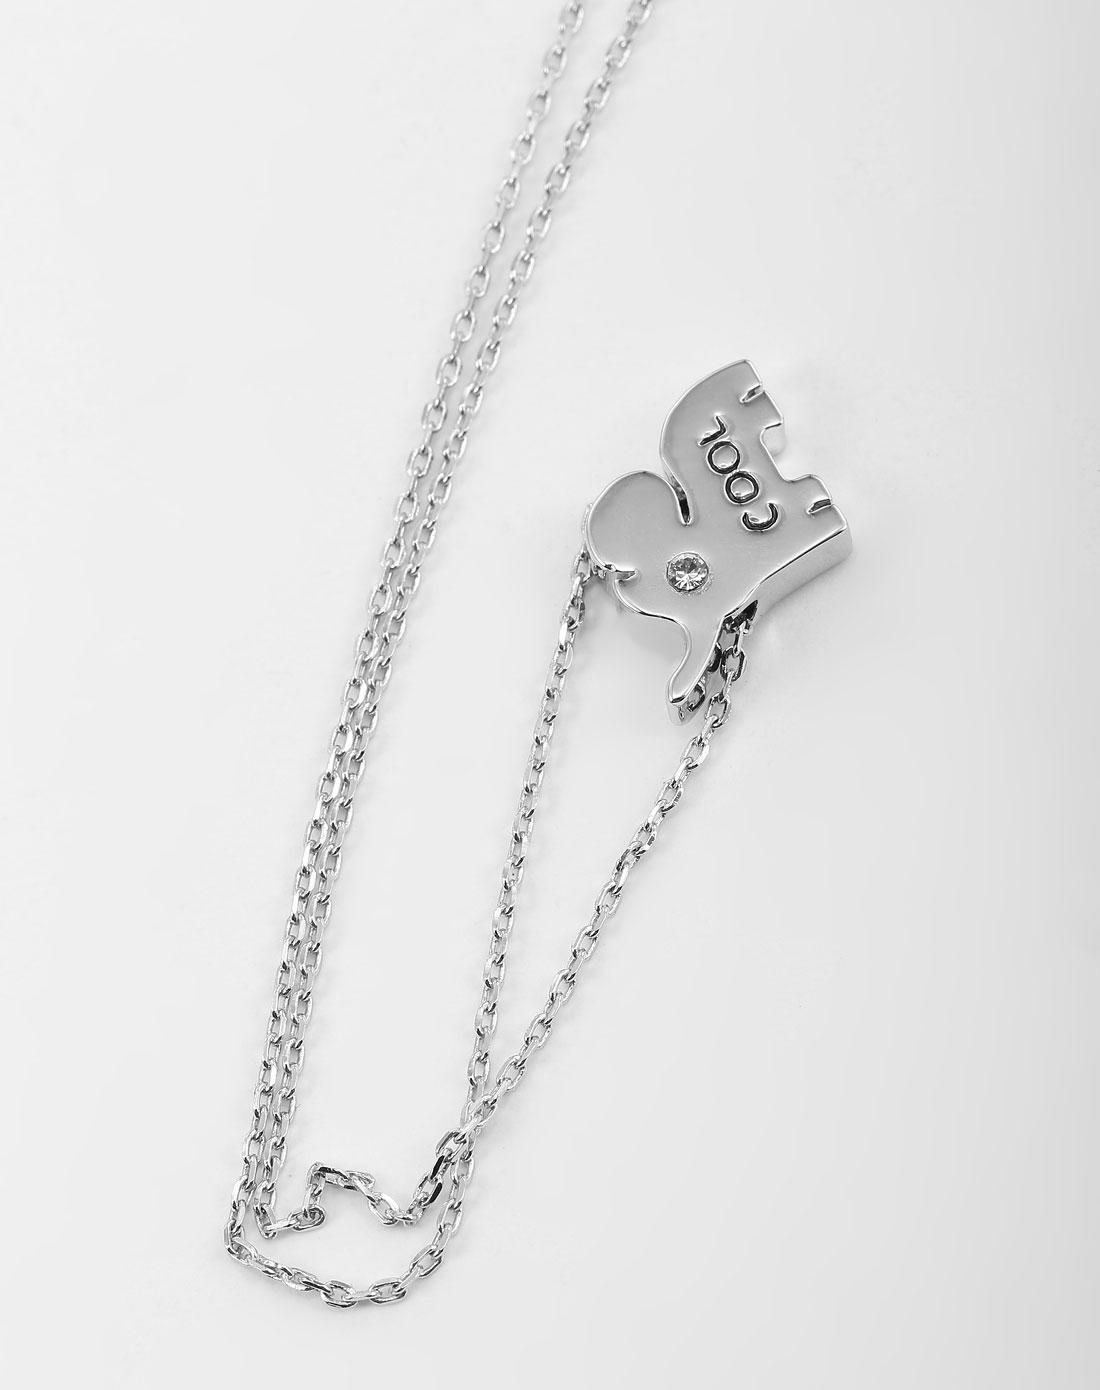 镶仿钻卡通小象吊坠银白色项链